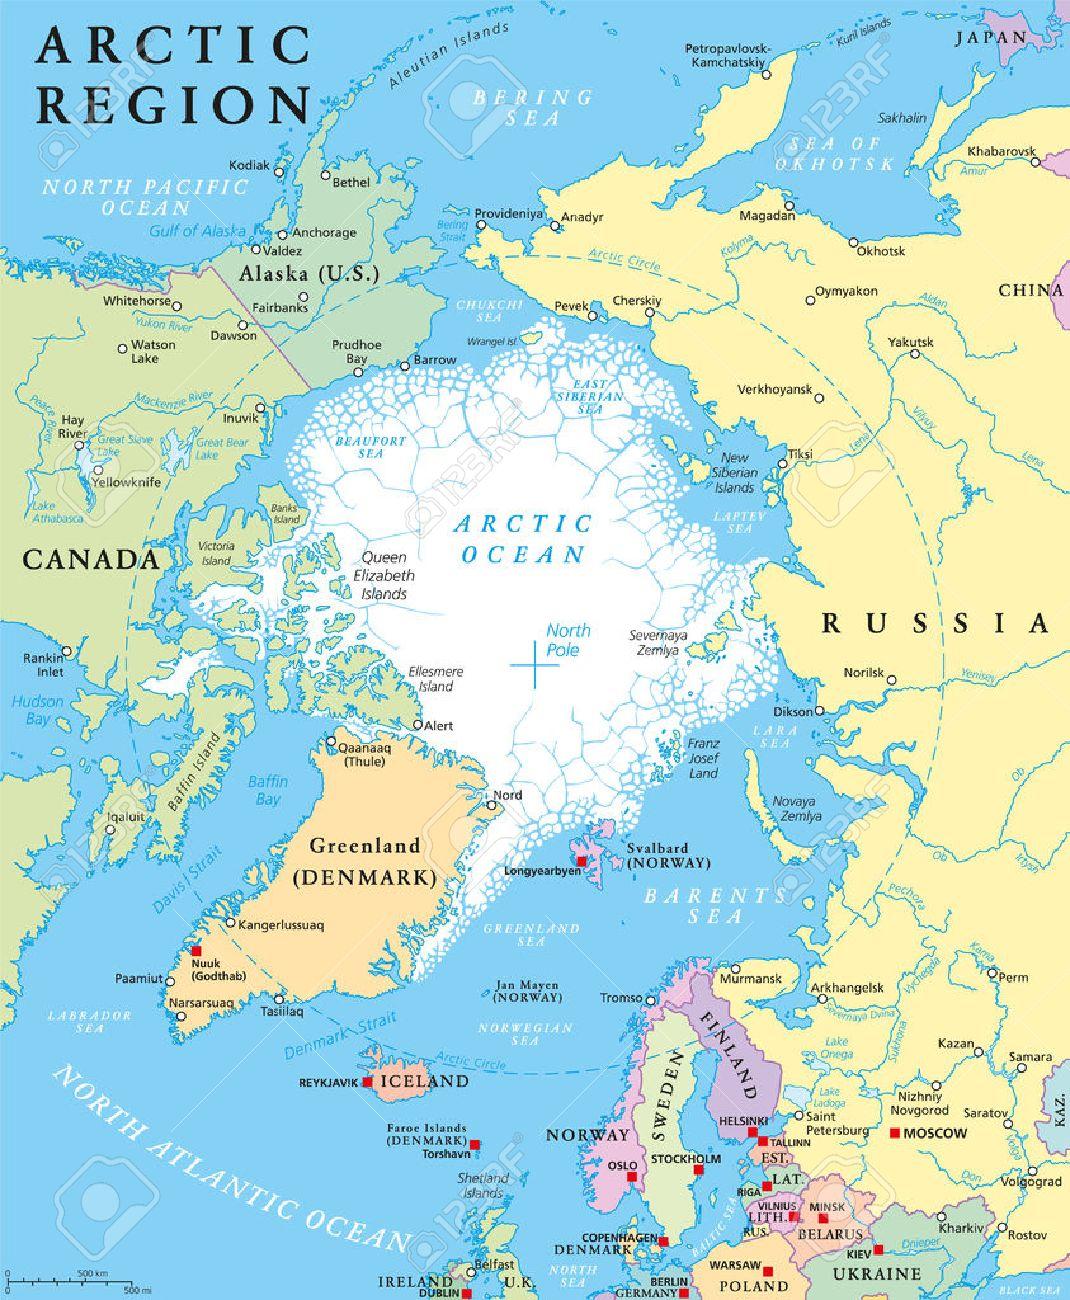 Europa Cartina Politica Con Capitali.Vettoriale Mappa Politica Regione Artica Con I Paesi Capitali